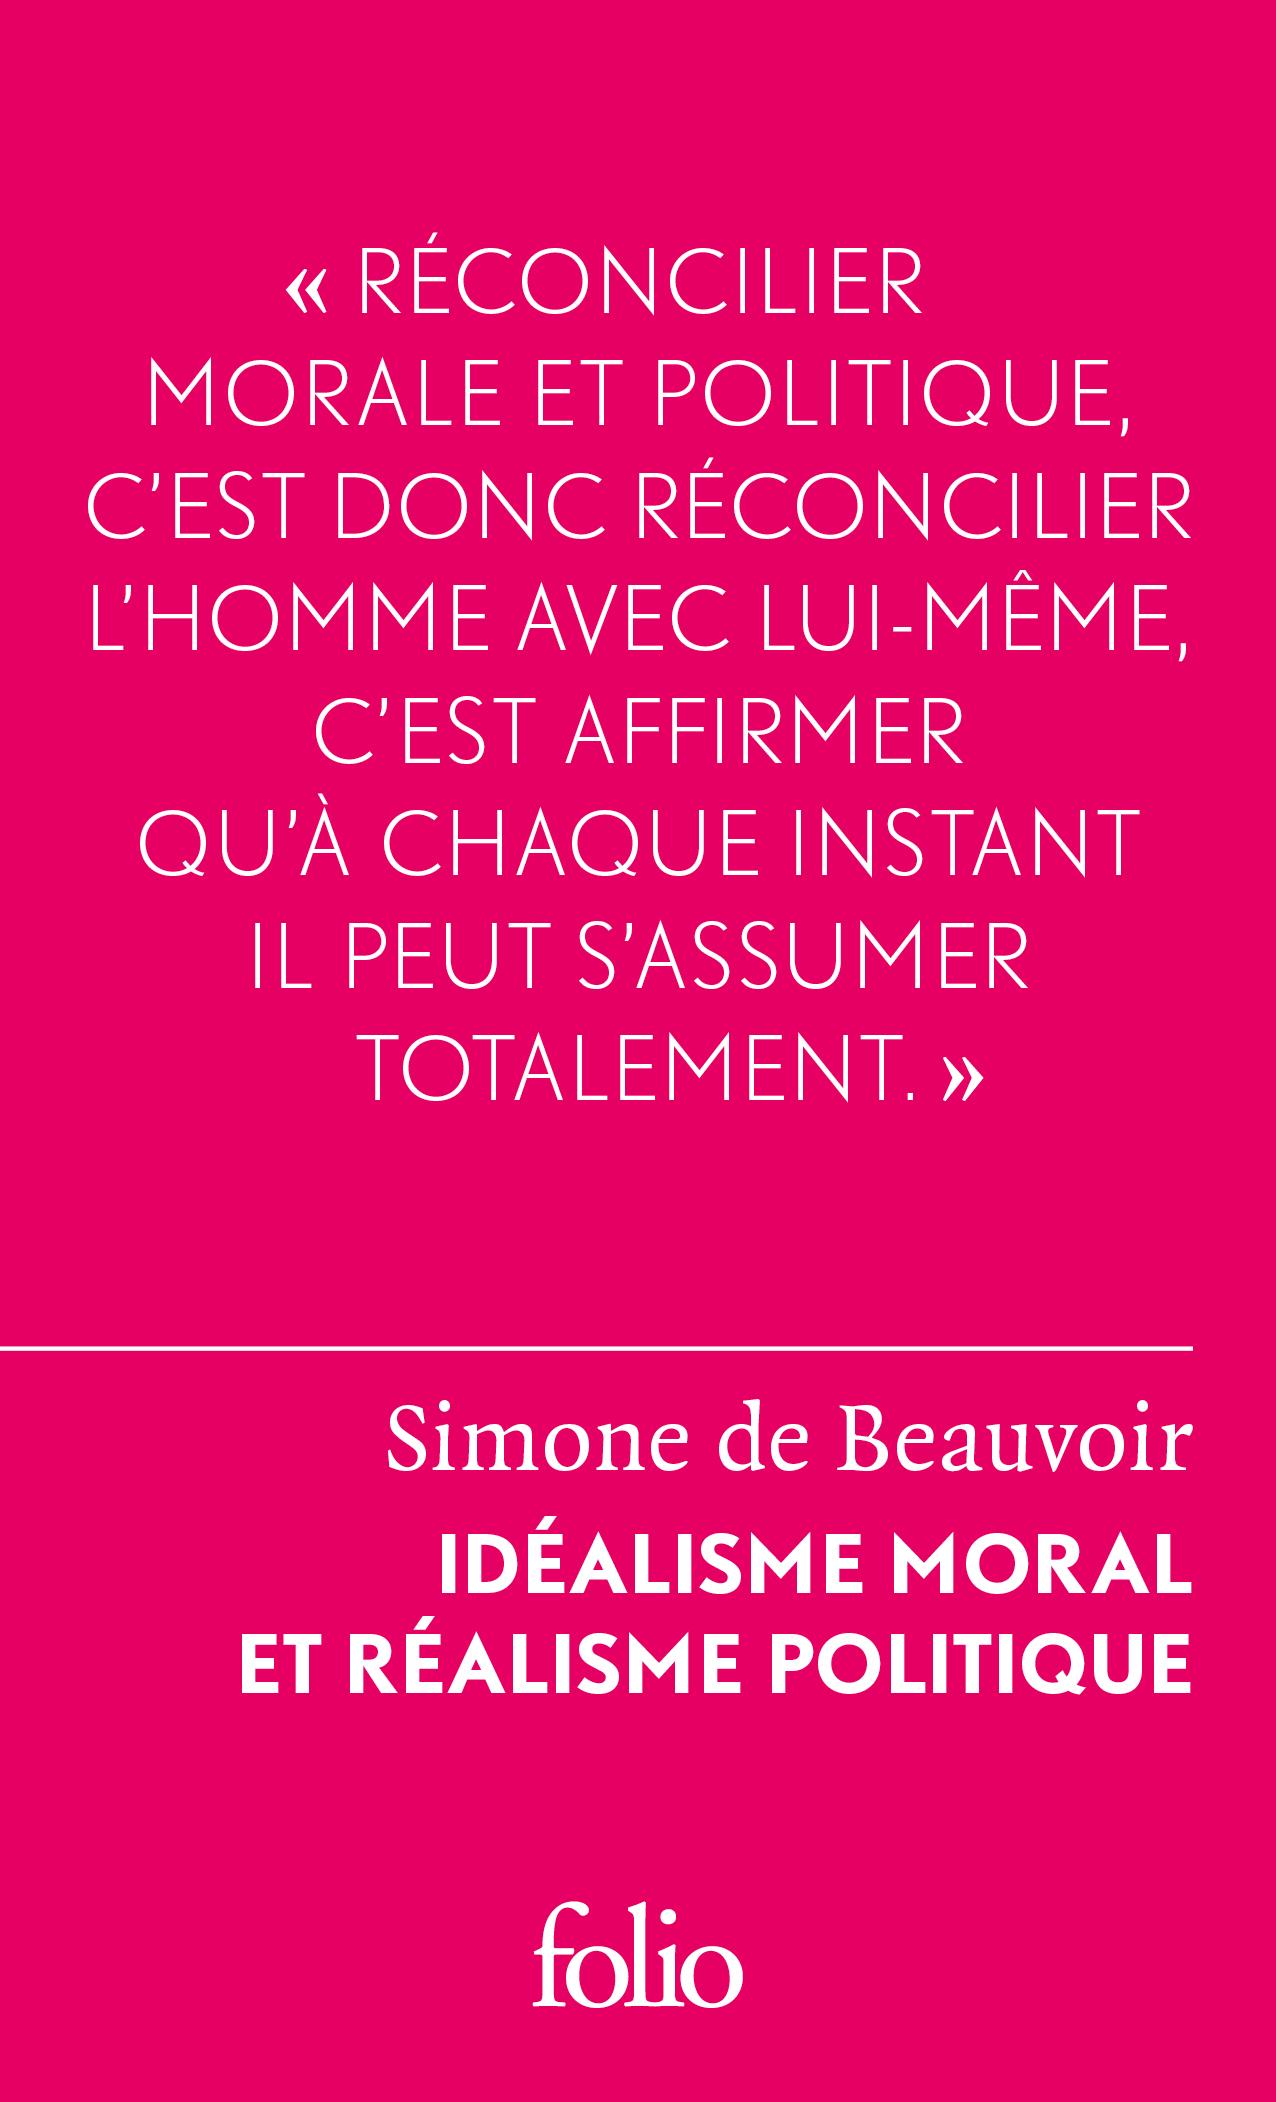 Idéalisme moral et réalisme politique